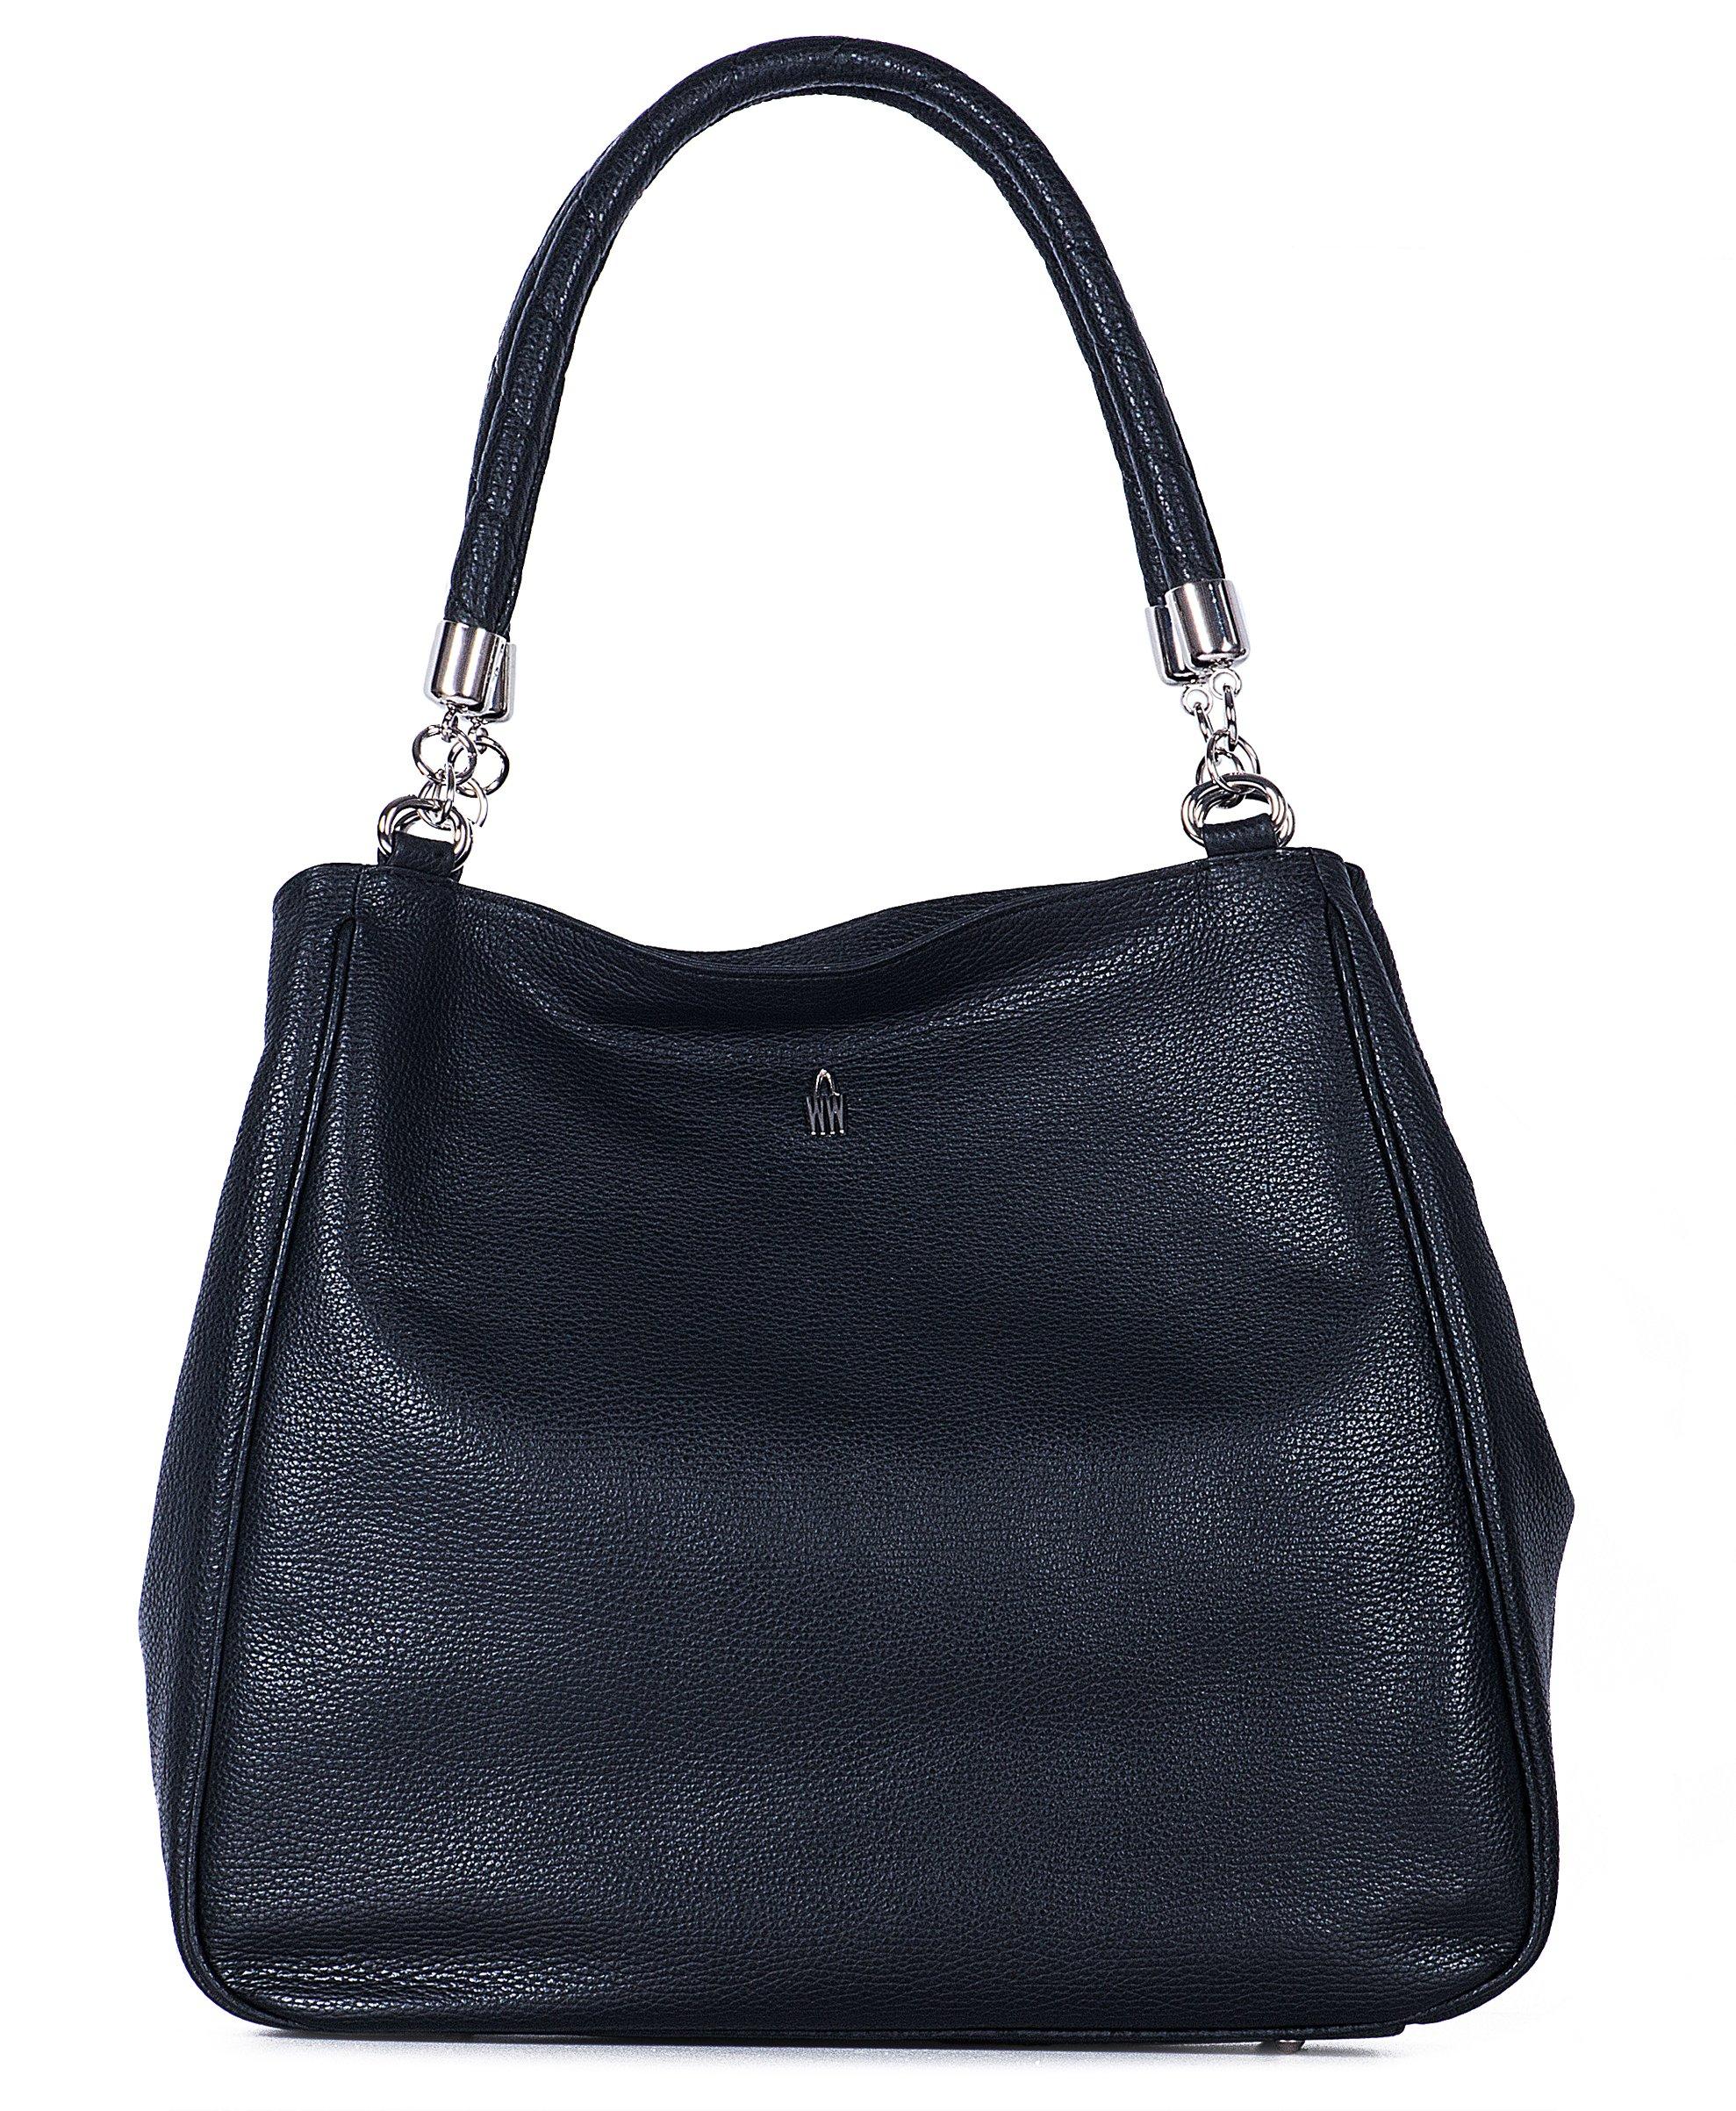 Luxusní černé dámské kožené kabelky Wojewodzic 31215/GS01